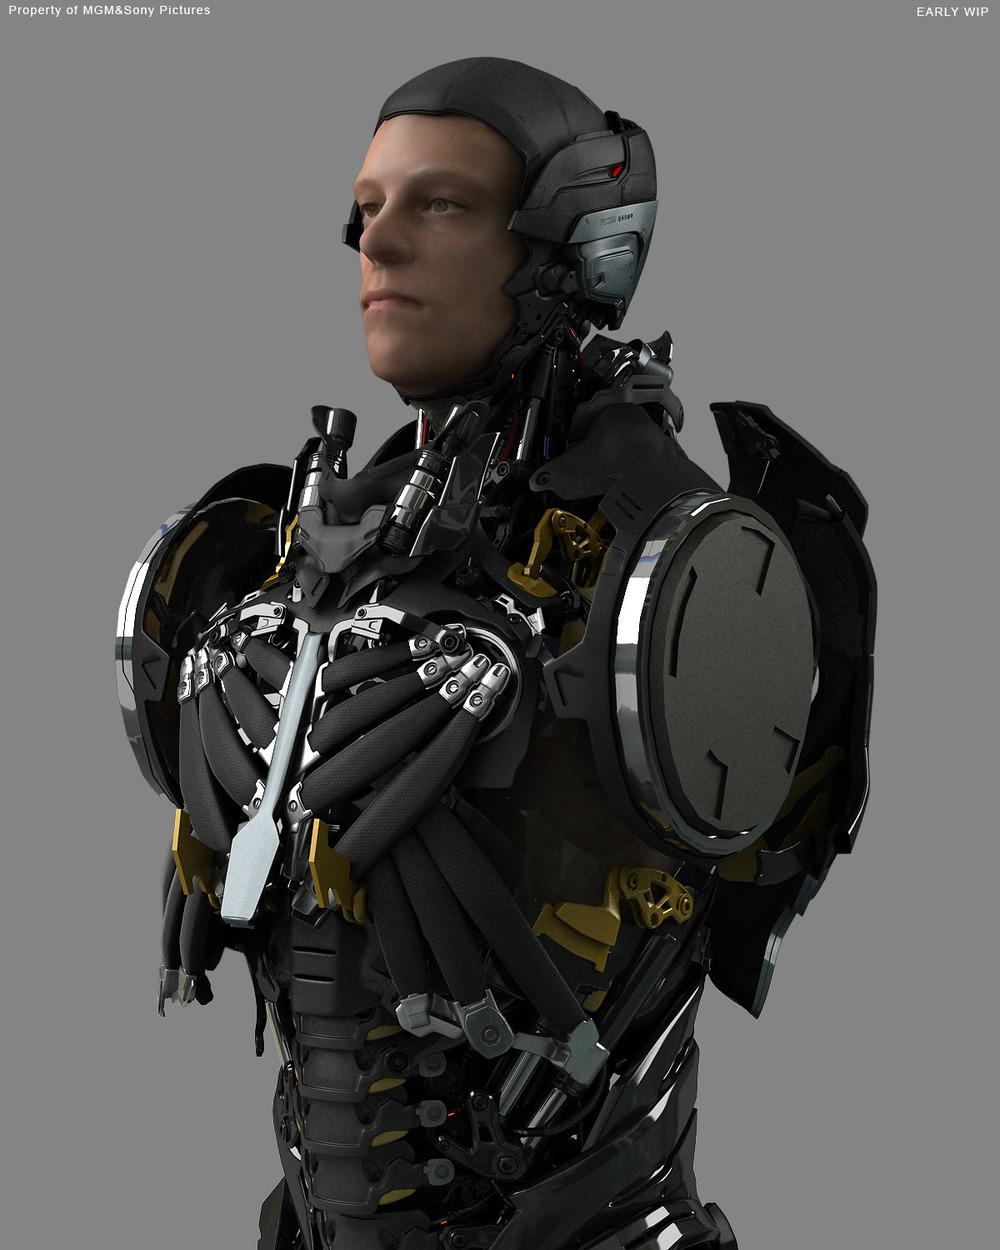 Robocop_Illustration_AsseblyTable_V06_TorsoFrame_020234.jpg